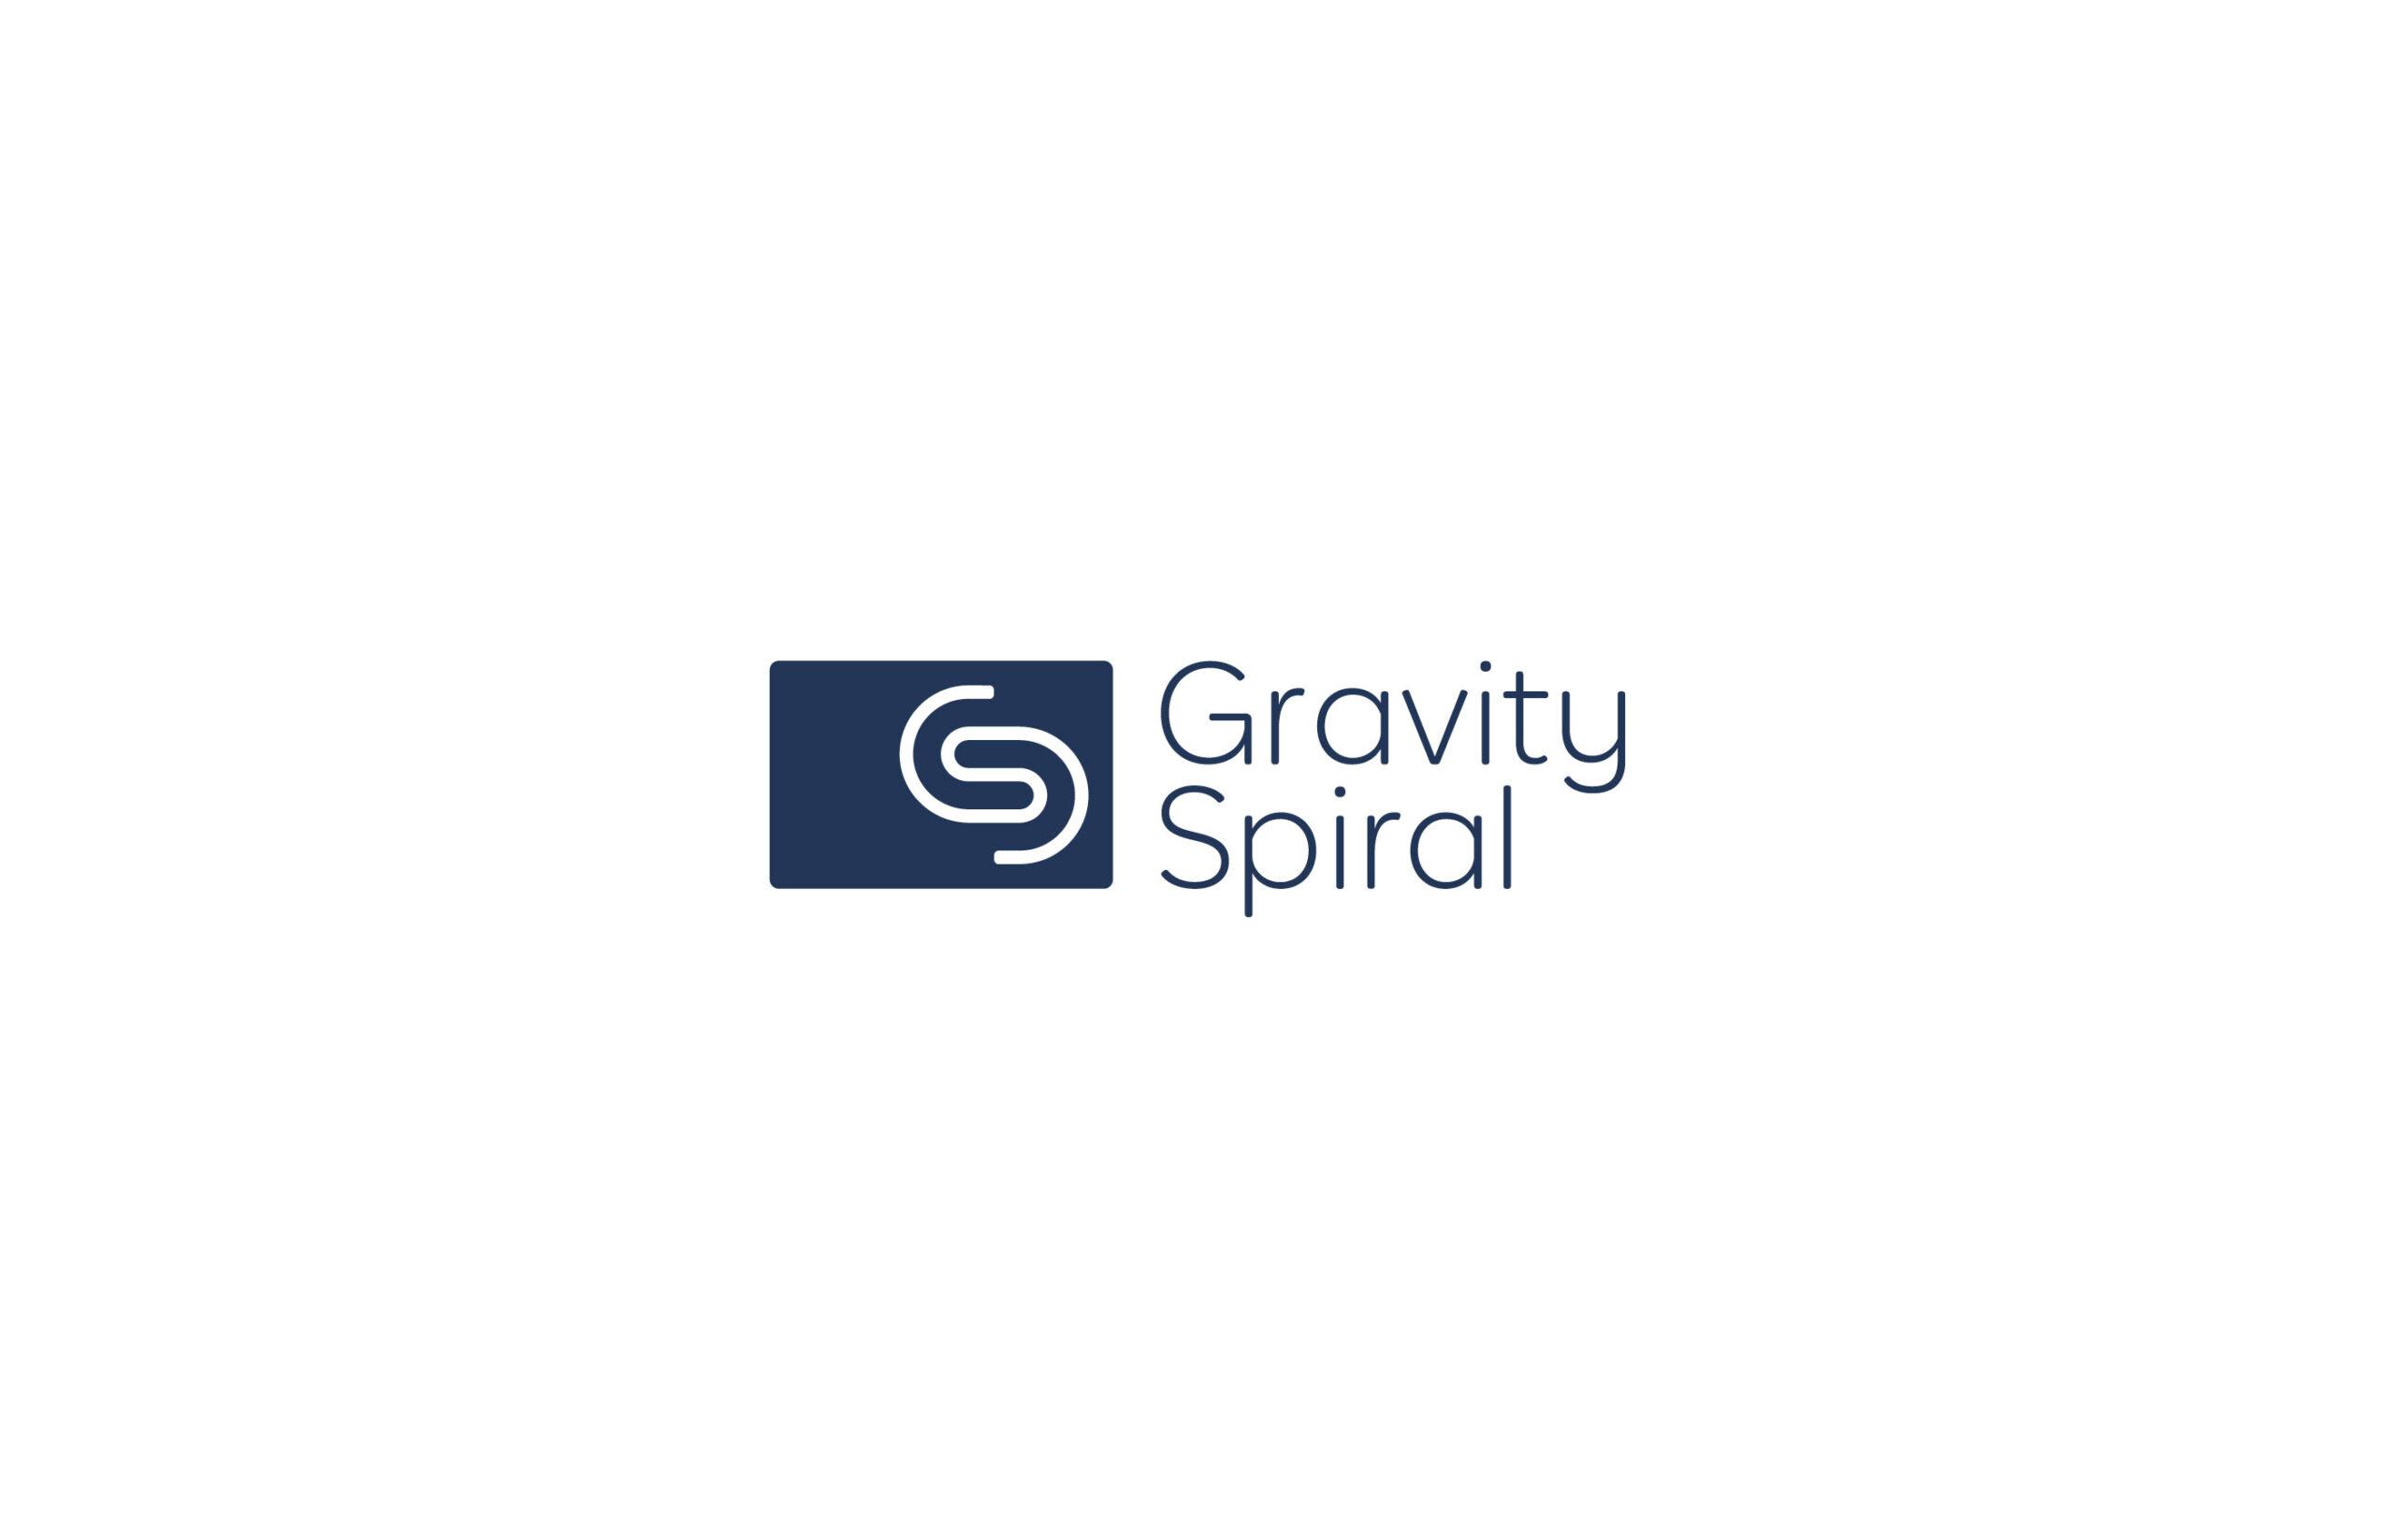 gravity_spiral_004_1